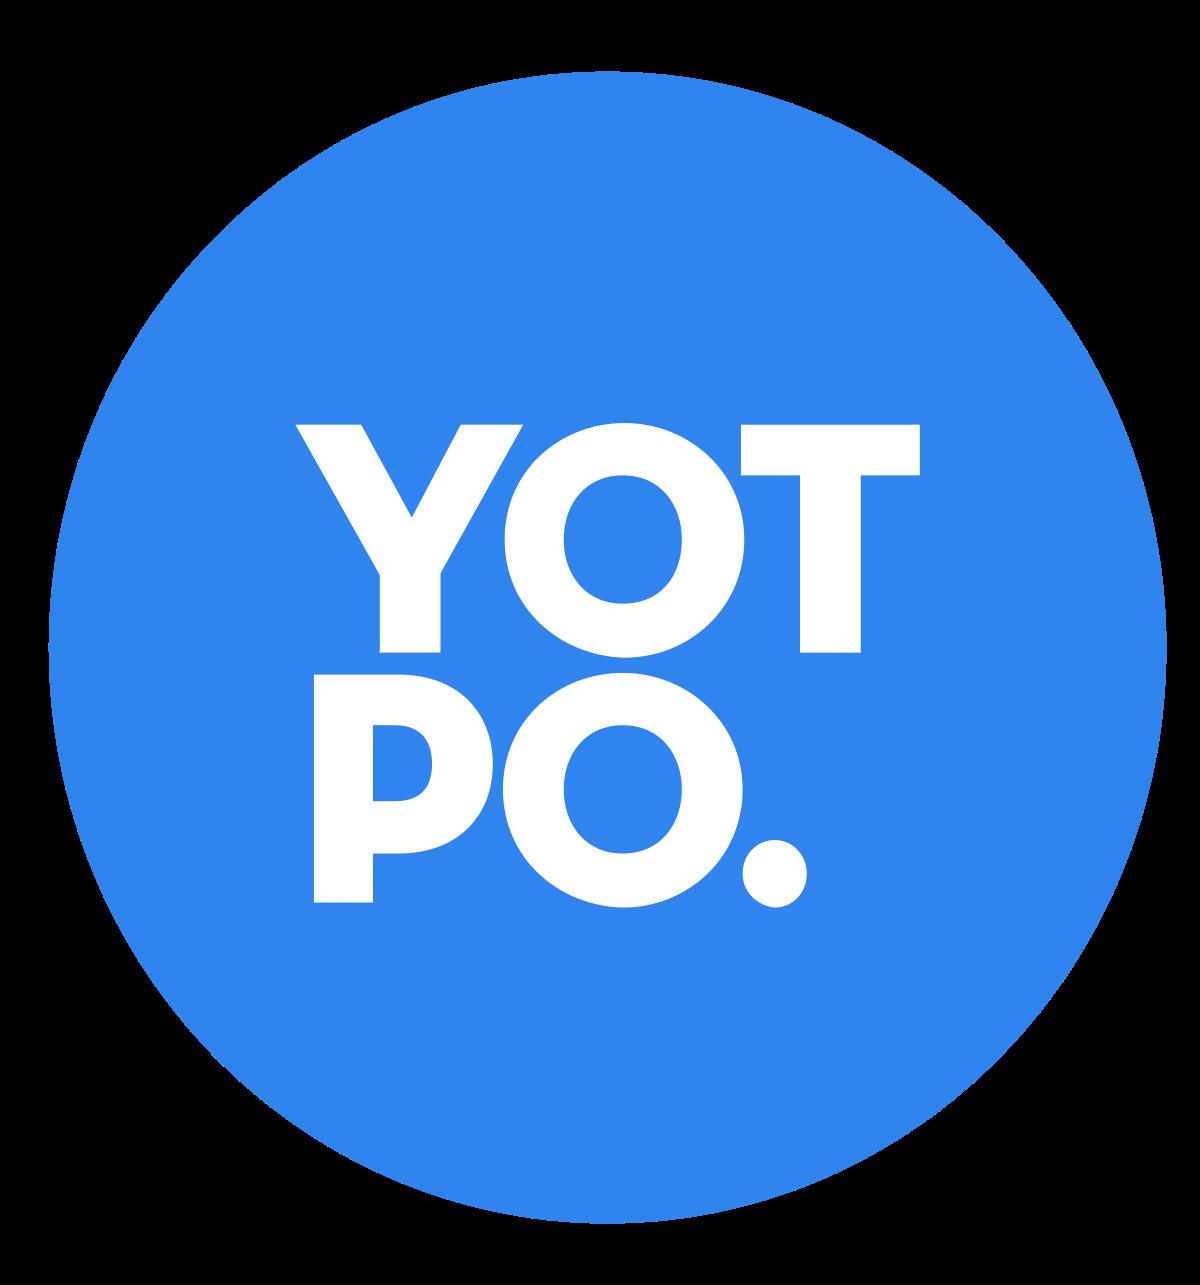 Yotpo - отзывы, цена, альтернативы (аналоги, конкуренты), бесплатные лимиты, функционал, сравнения